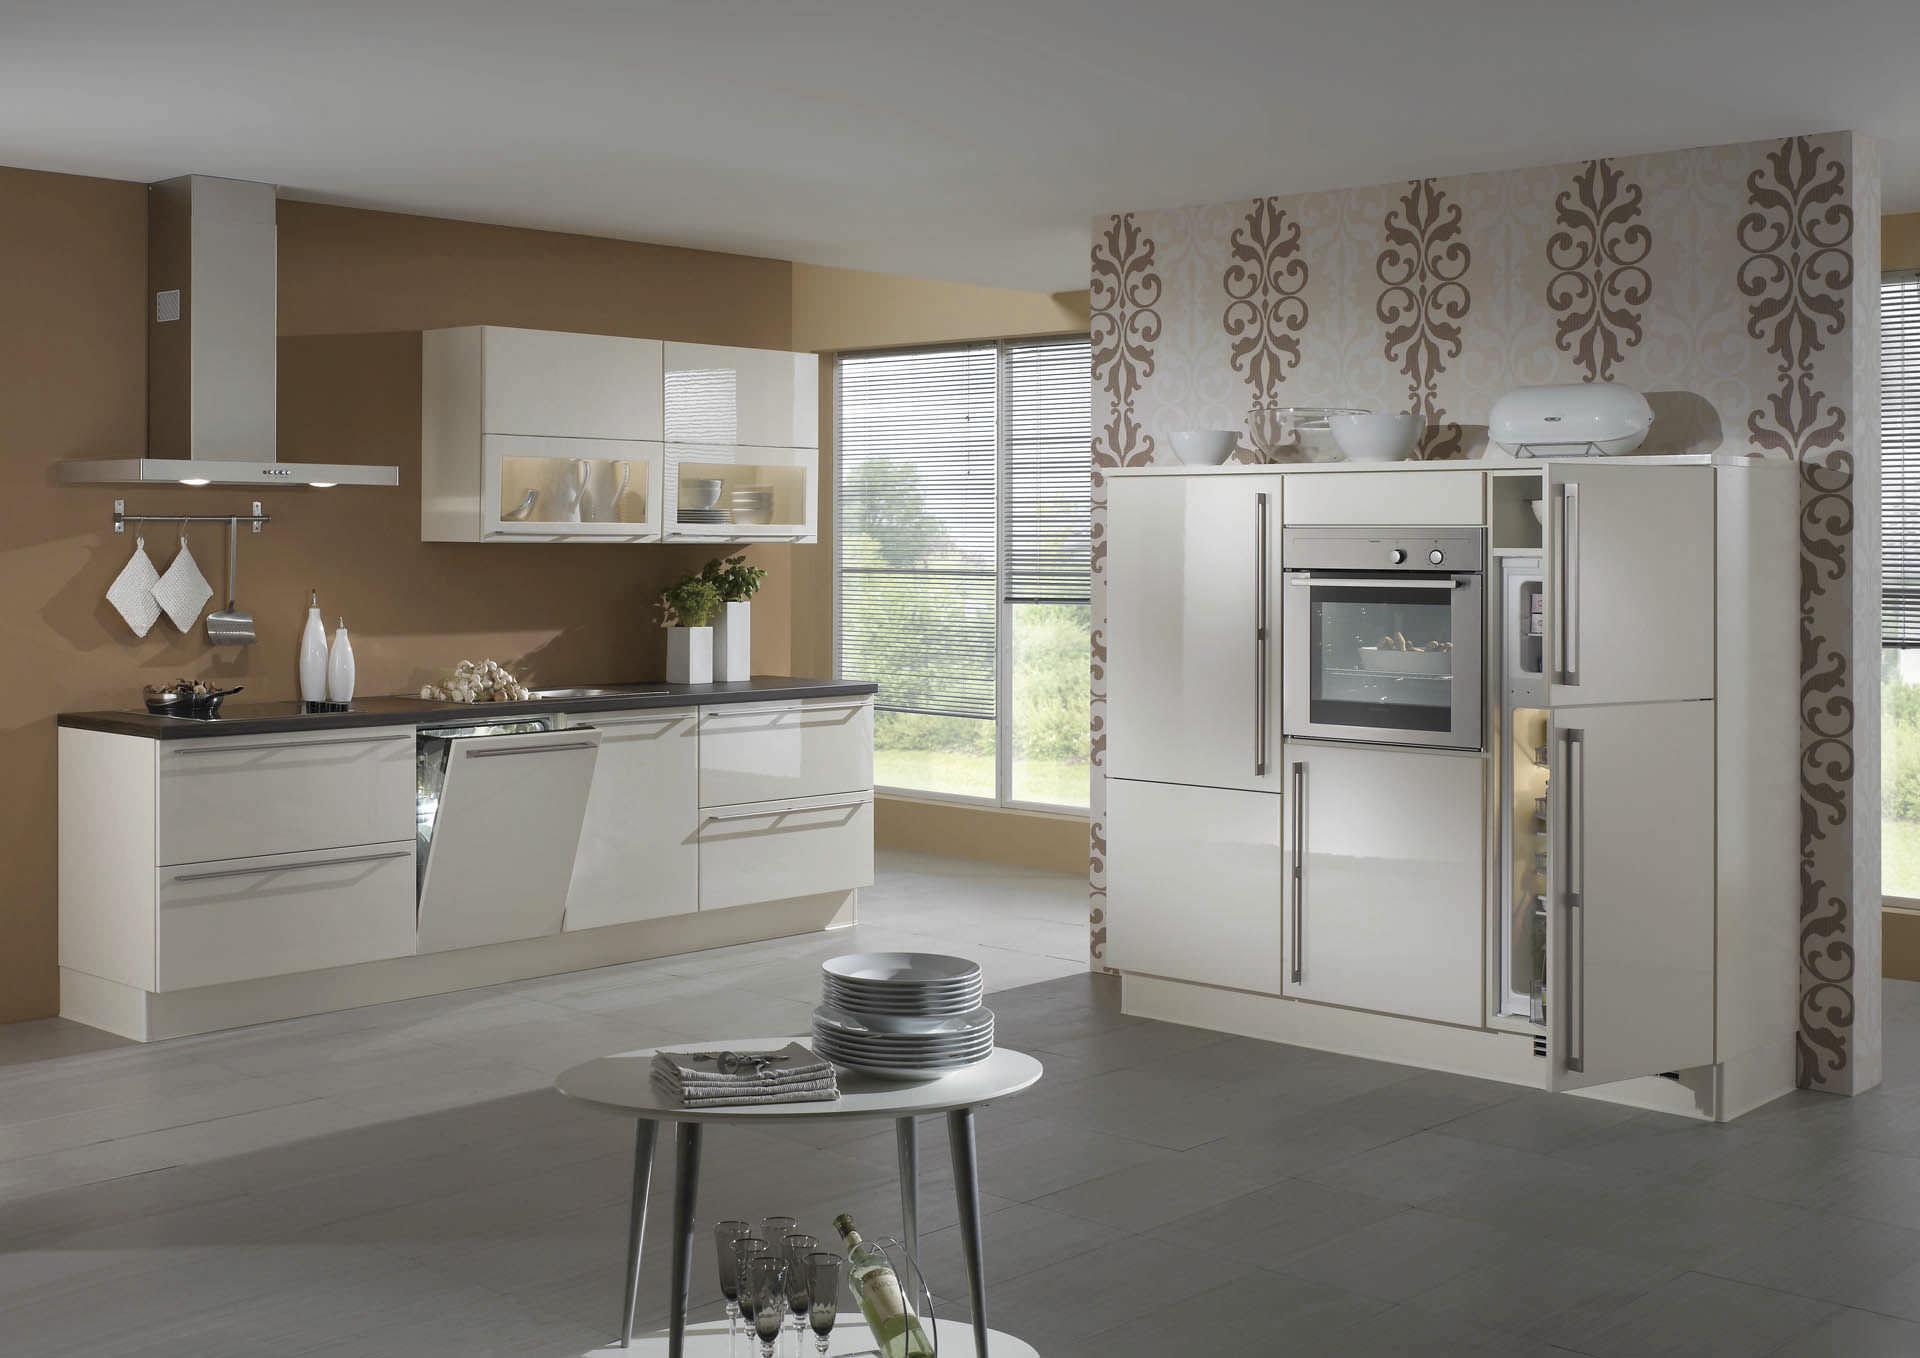 cuisine contemporaine / en bois / laquée / brillante - lux 816